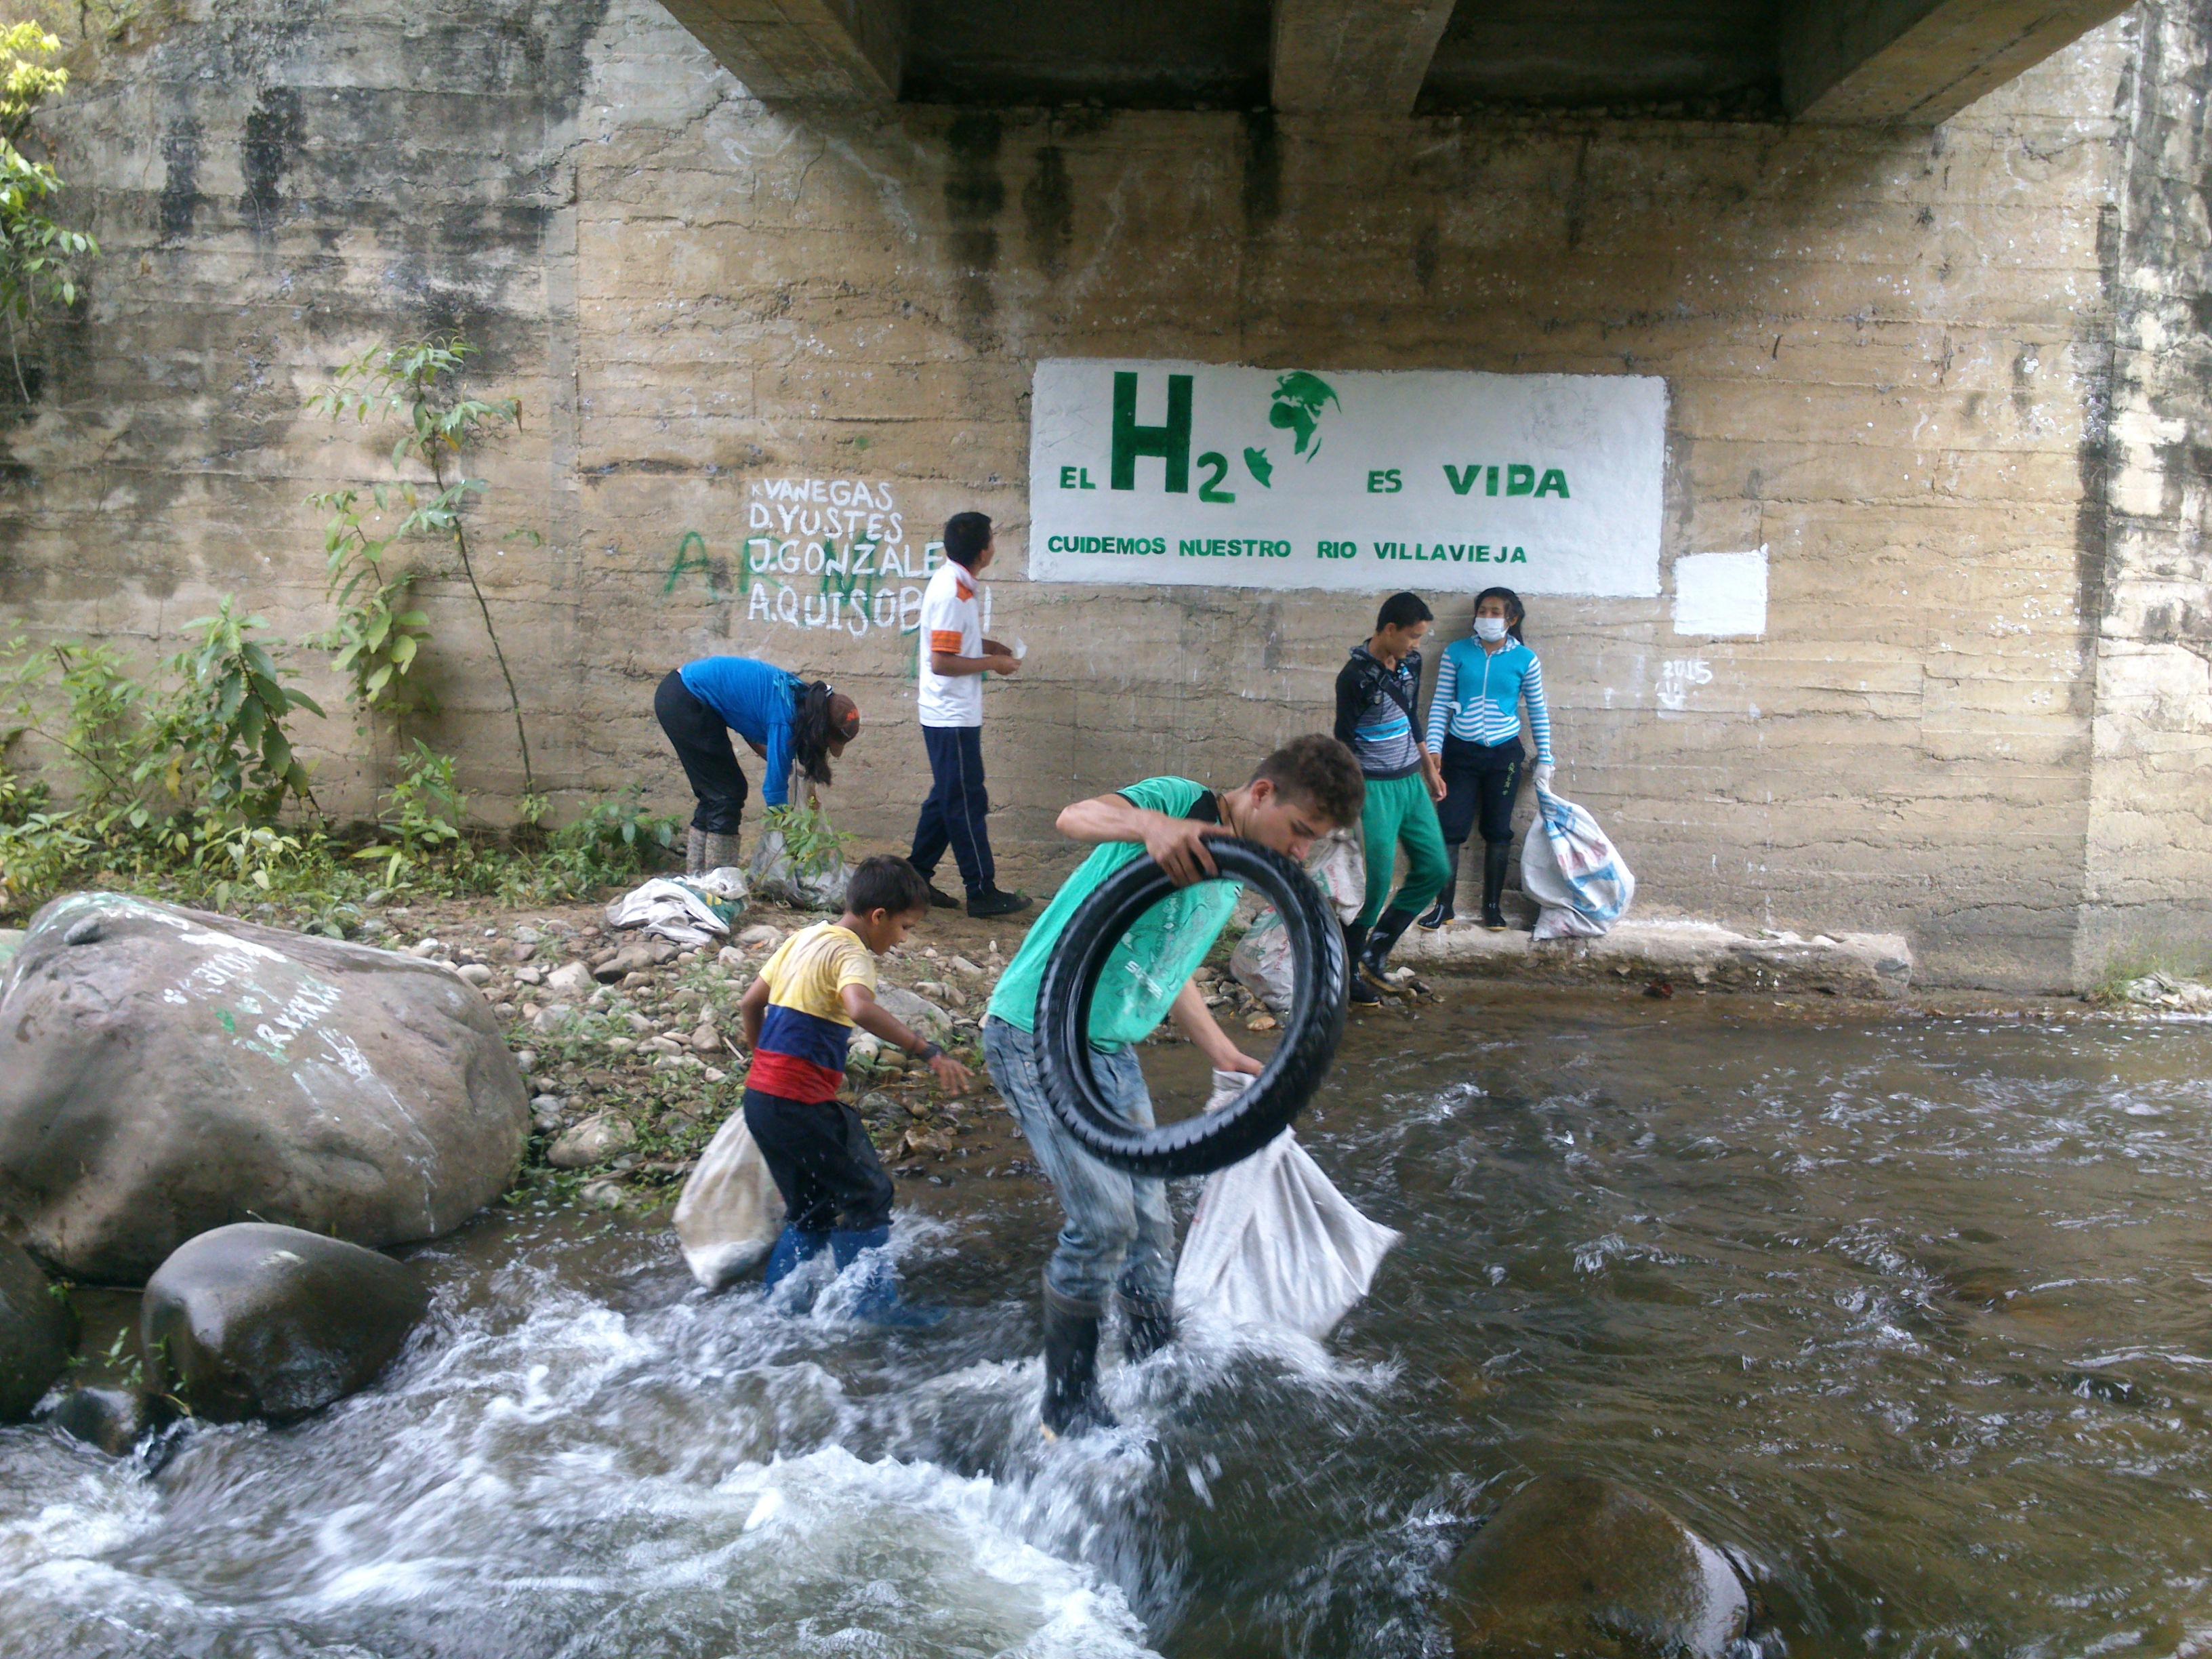 Los estudiantes huilenses lideran iniciativas en favor de los recursos naturales como los ríos. Foto Suministrada